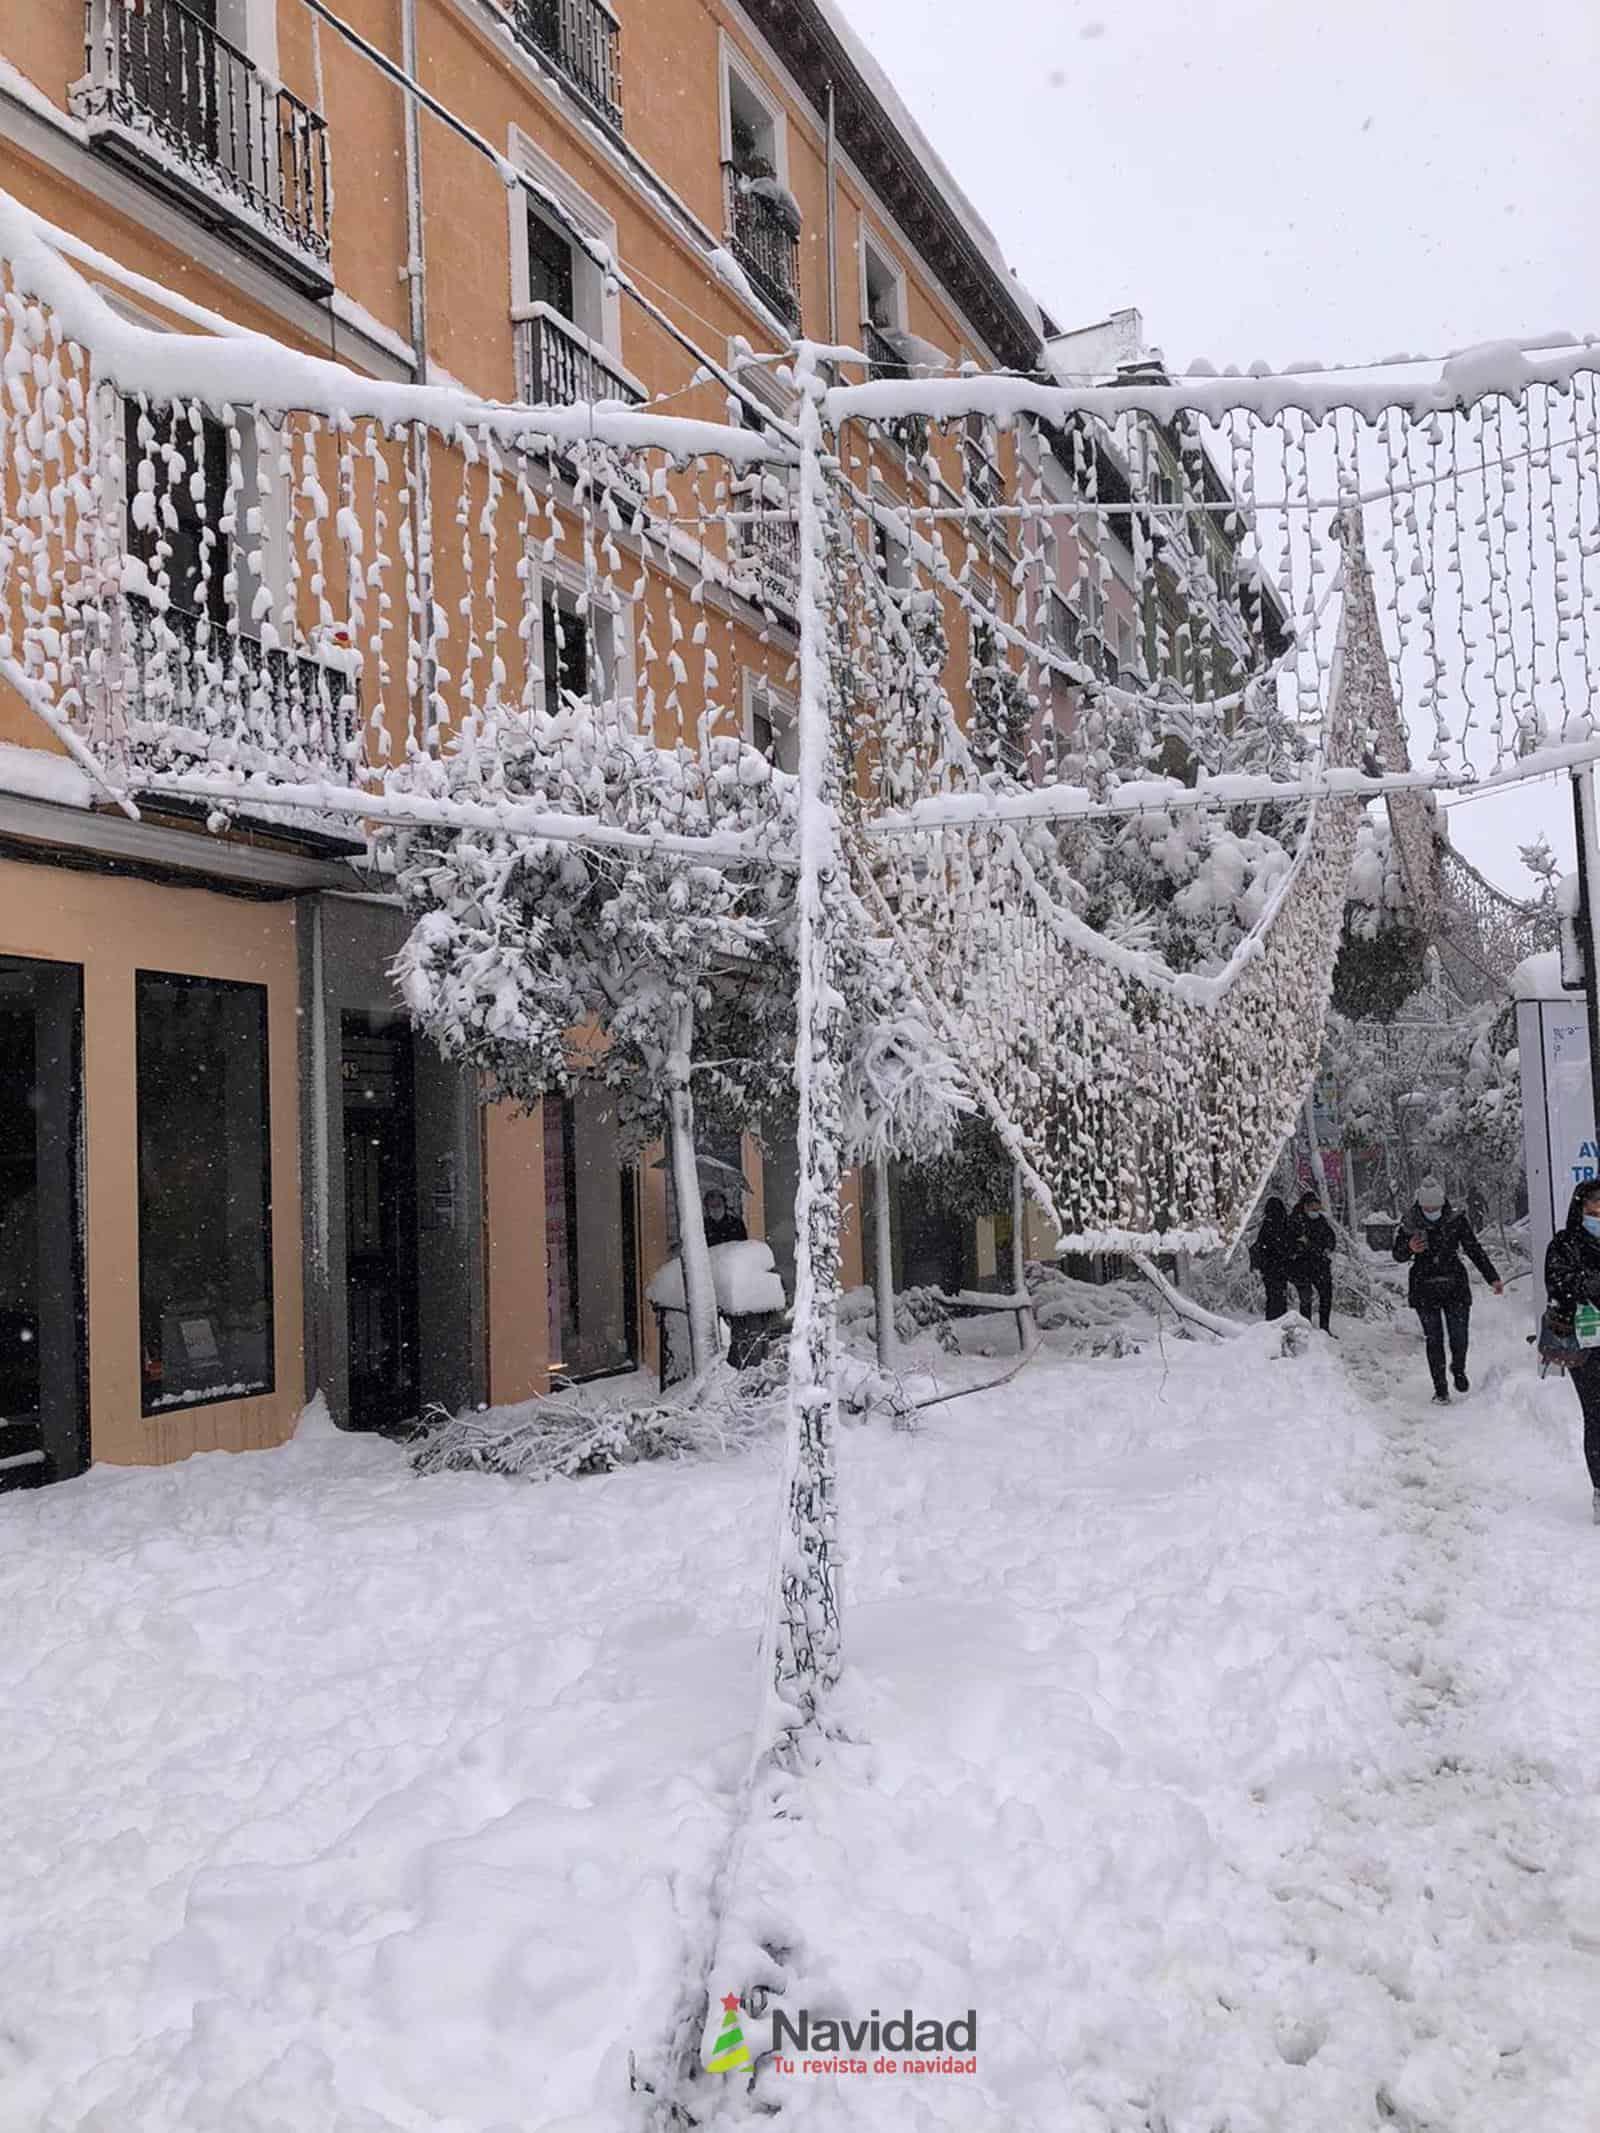 Fotografías de la nevada de enero en Madrid (España) 98